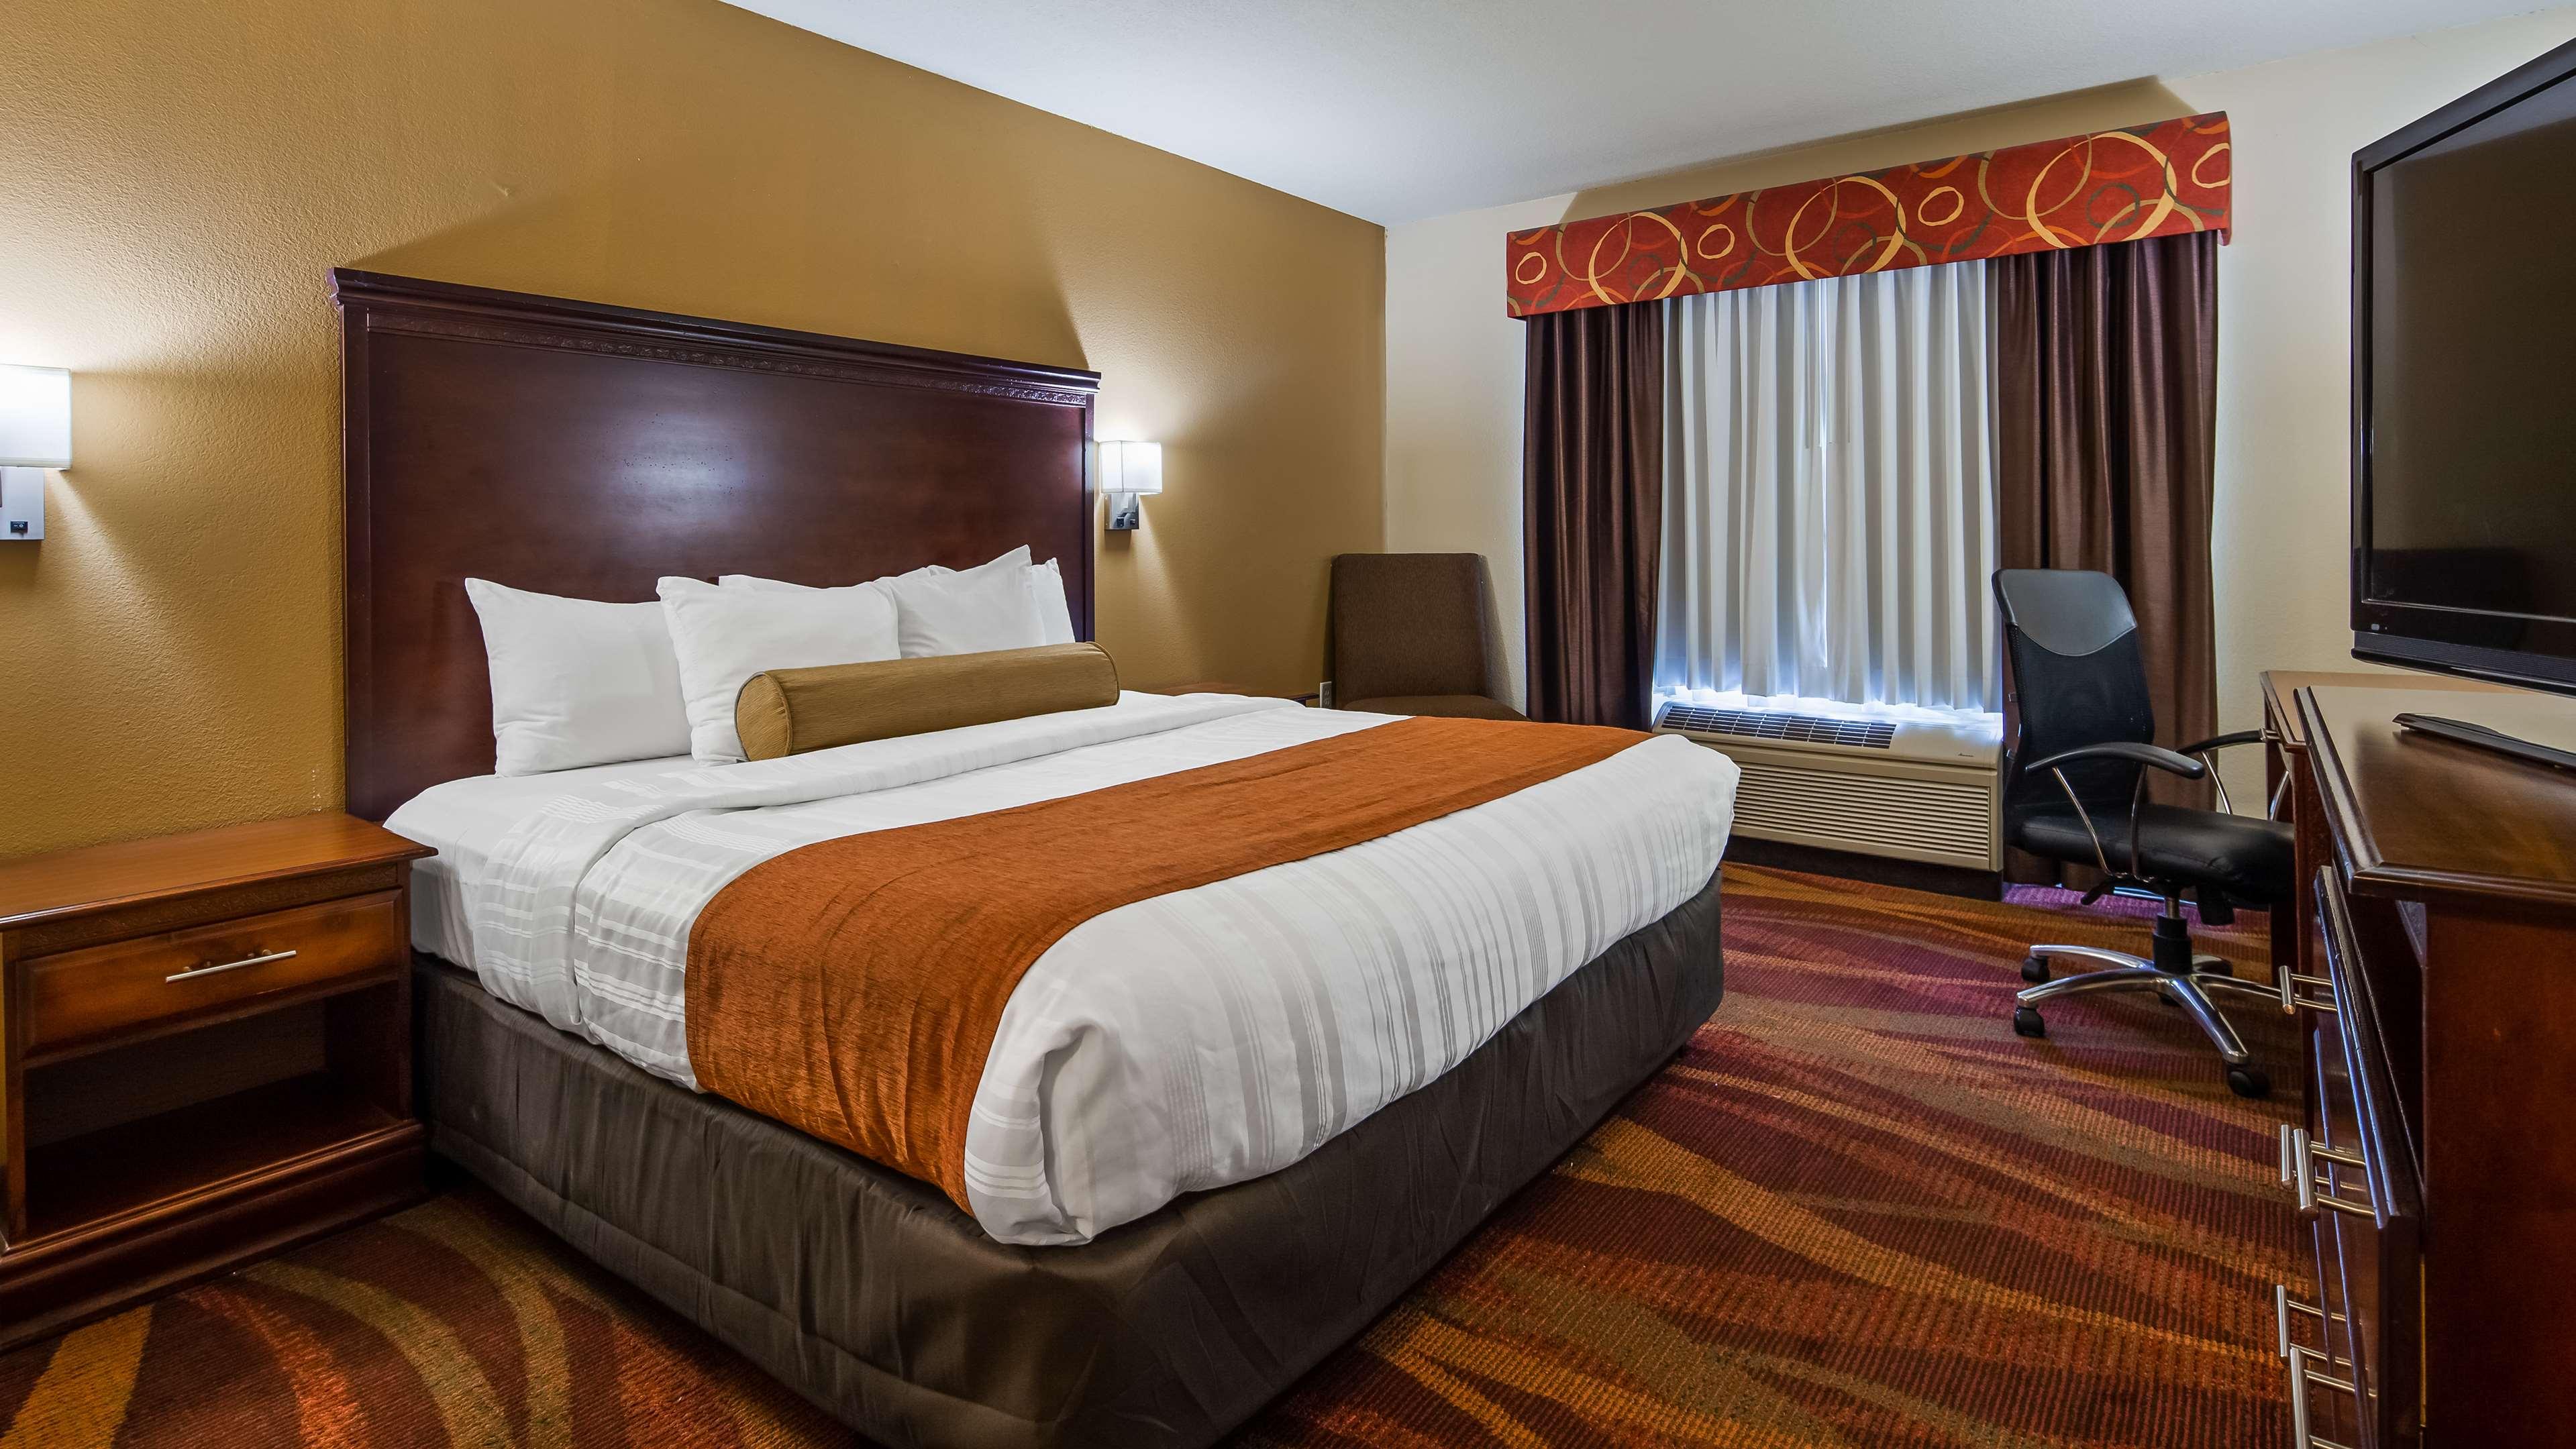 Best Western Plus Fort Wayne Inn & Suites North image 5